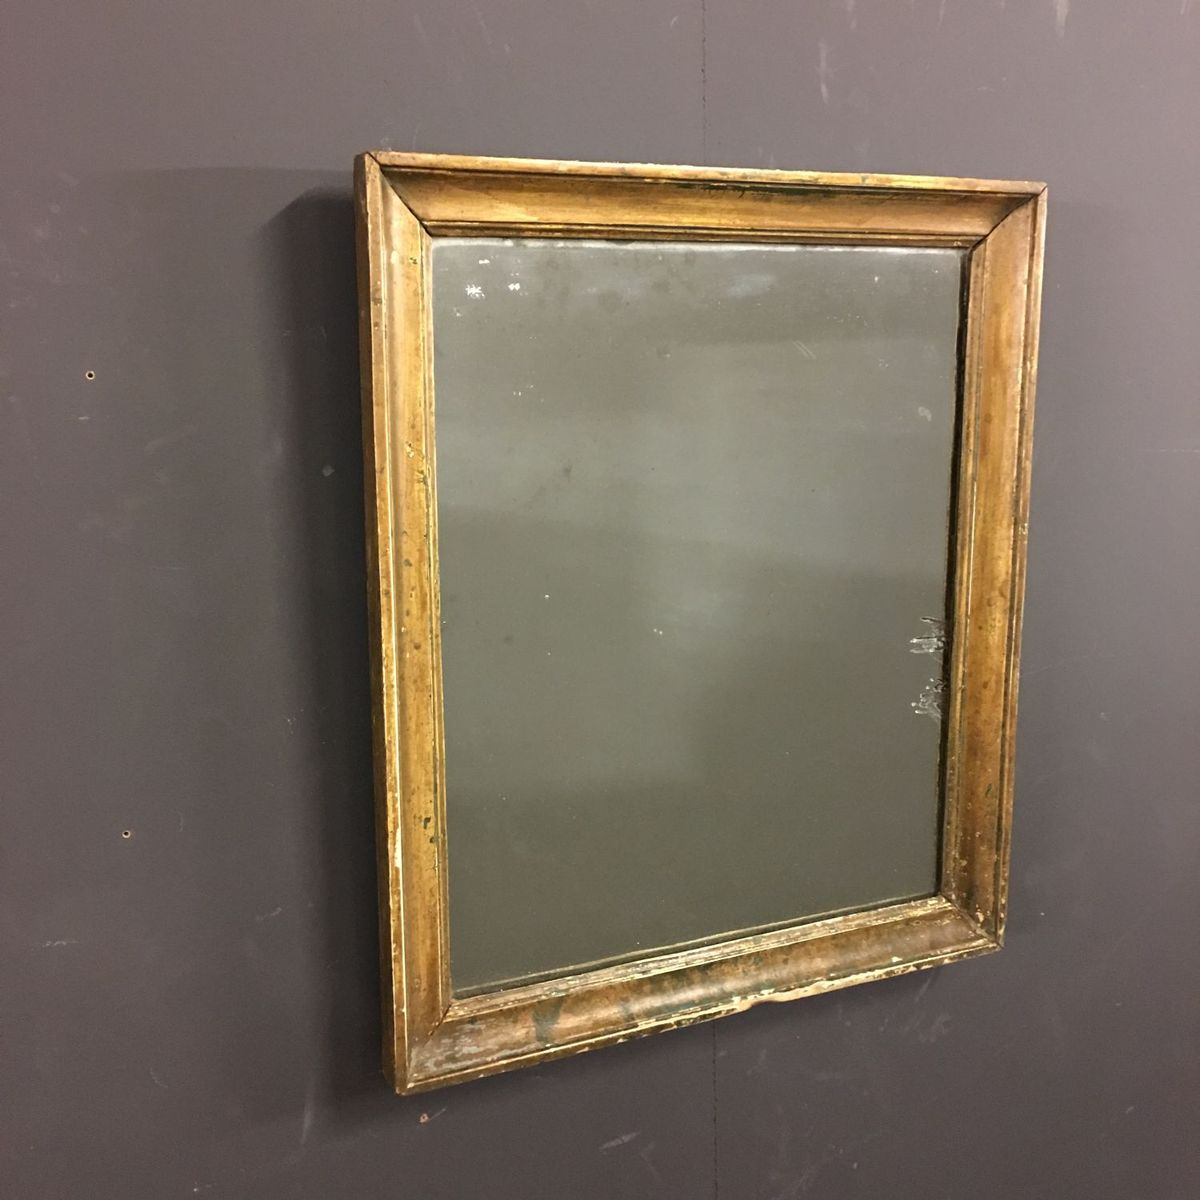 Petit miroir antique en bois dor france en vente sur pamono for Petit miroir dore